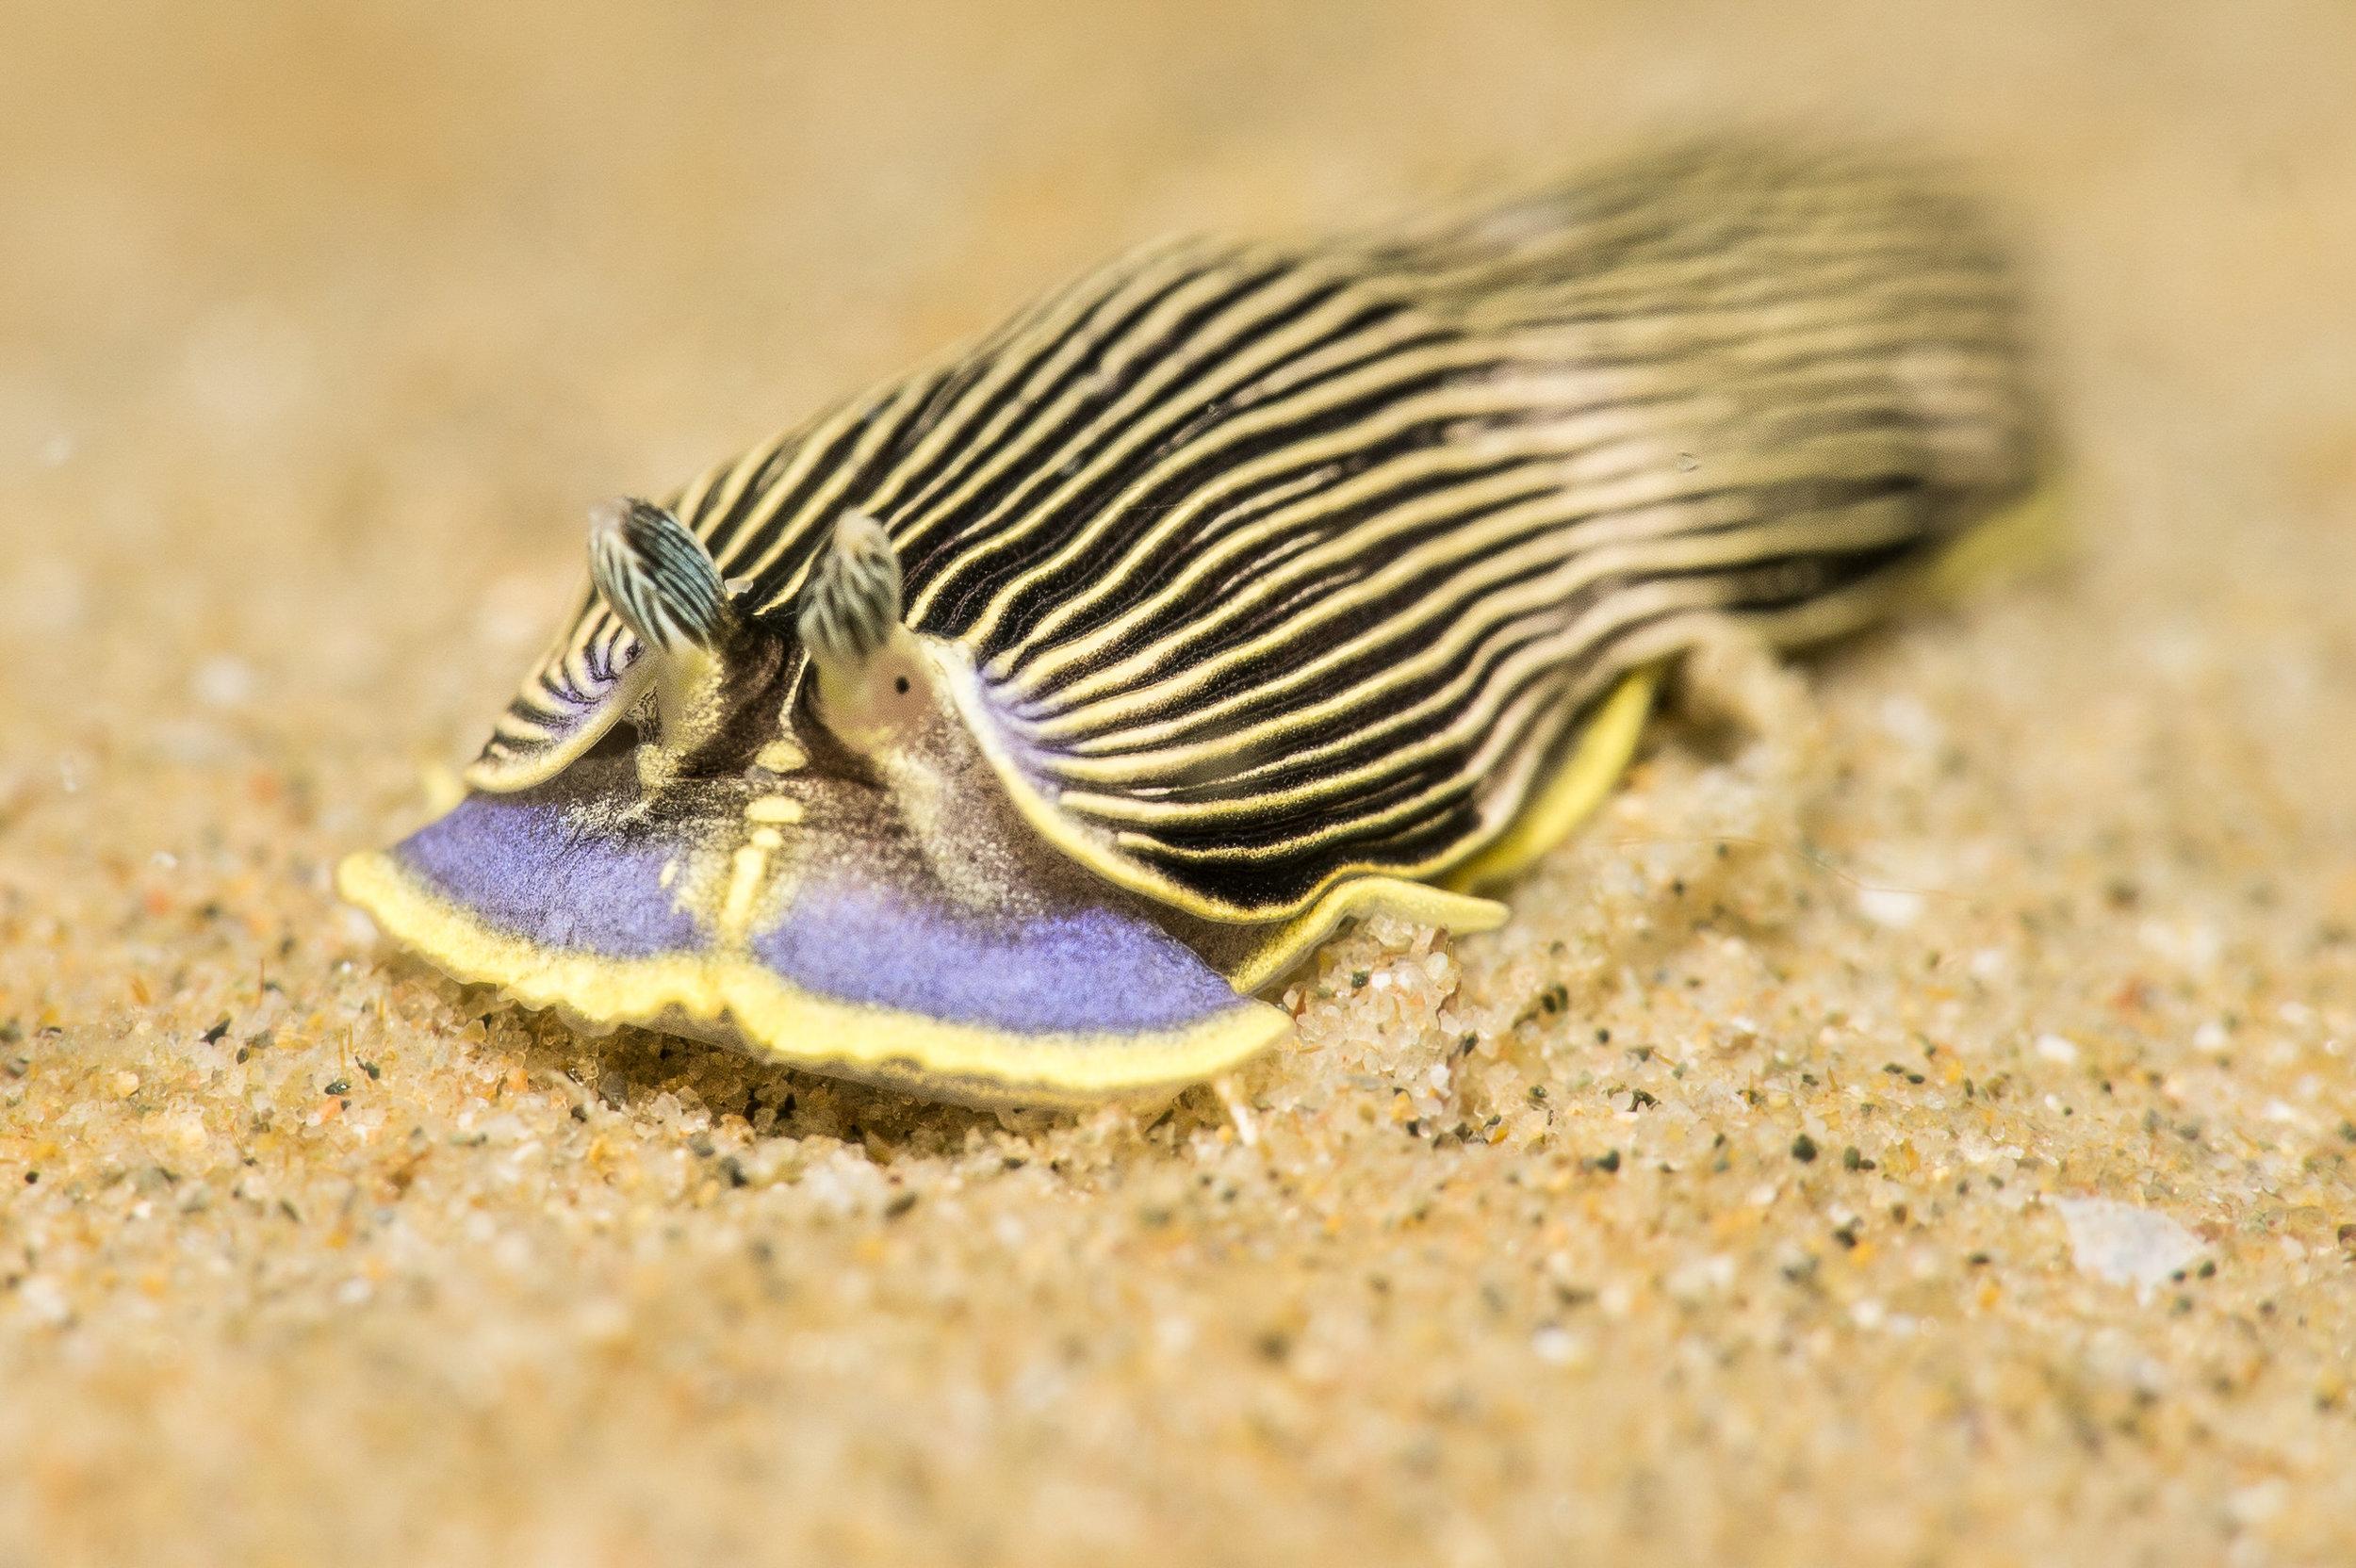 this is the nudibranch Armina sp.13 a sea pen predator